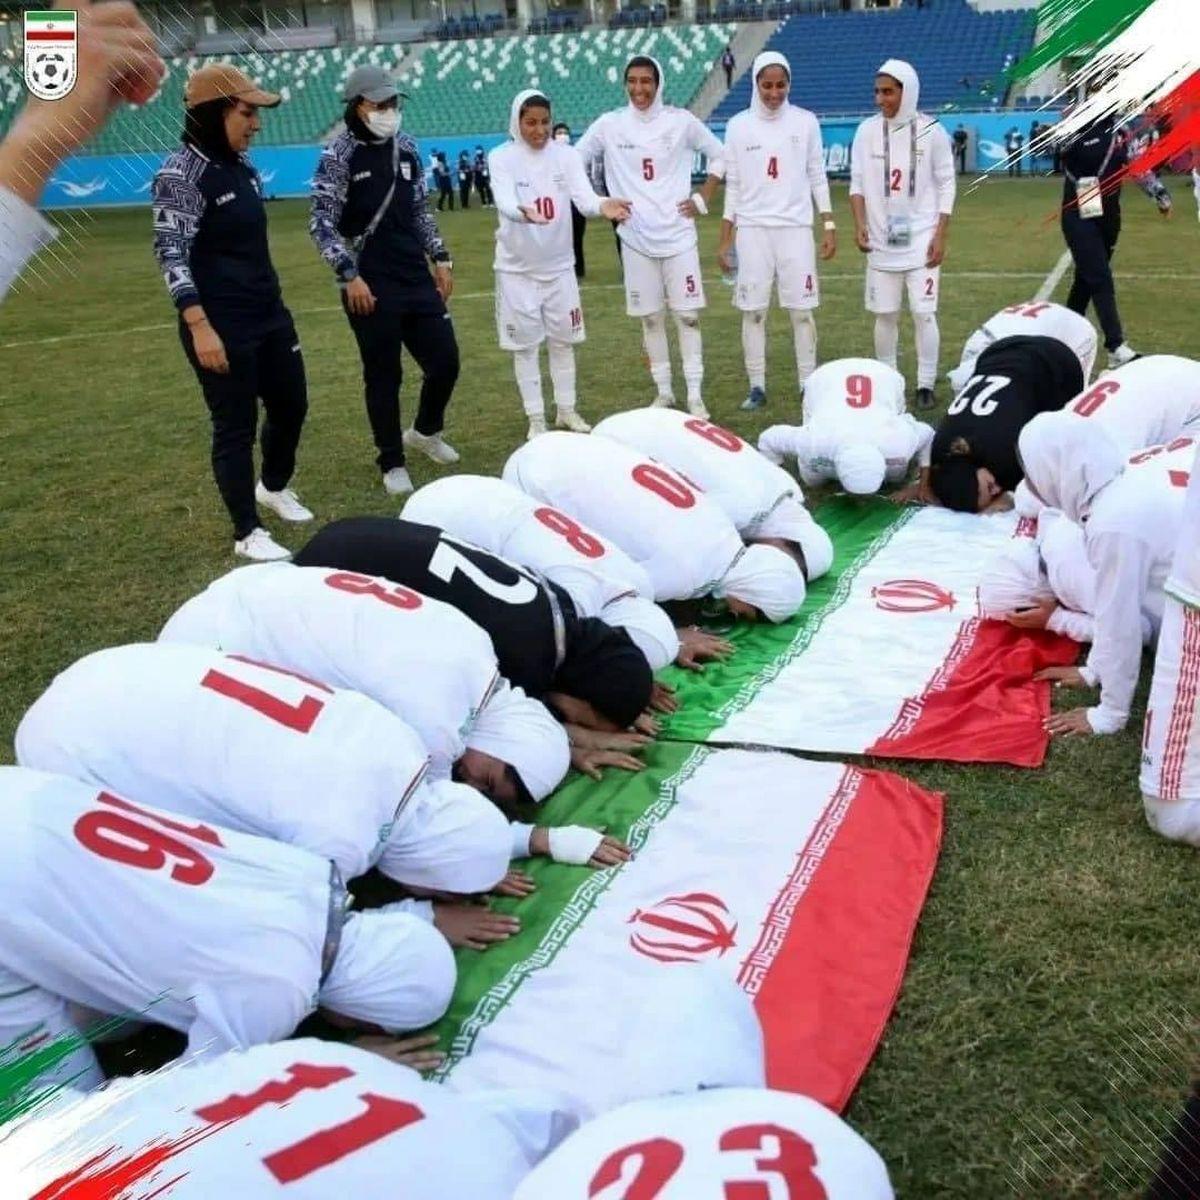 شادی منشوری دختران فوتبالی ایران در اتوبوس +فیلم